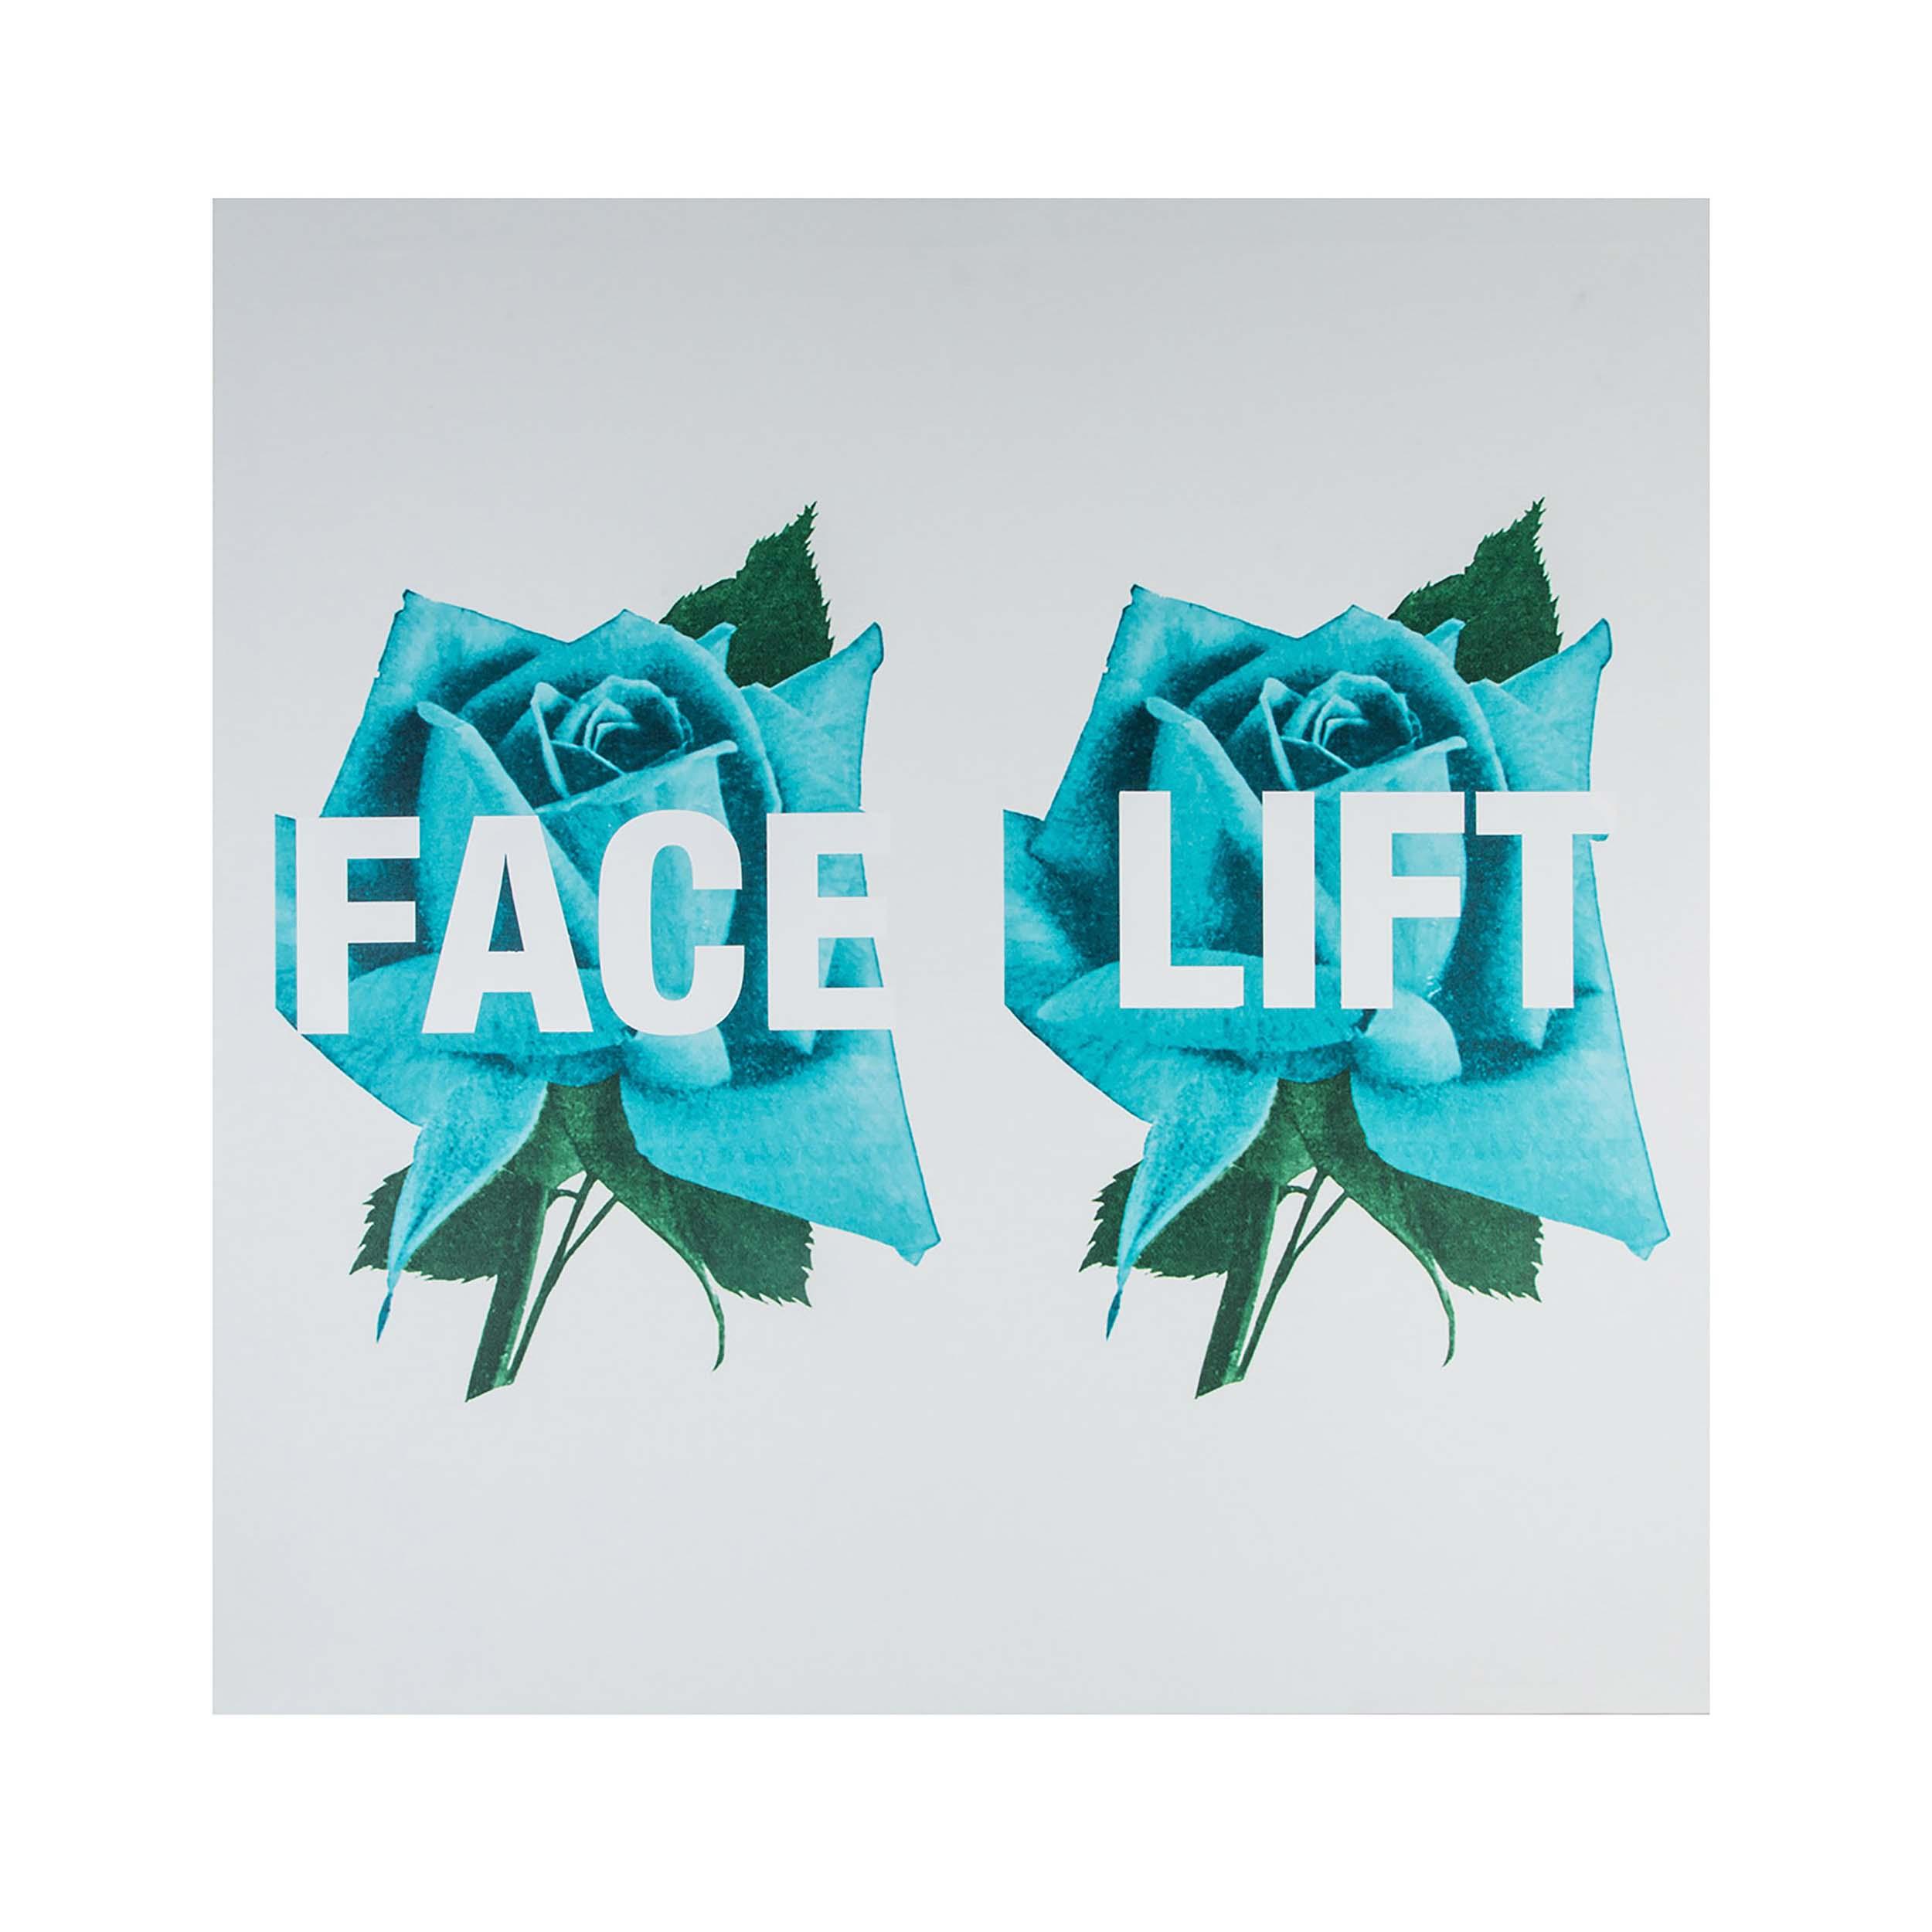 cali-dewitt-face-lift_FPO